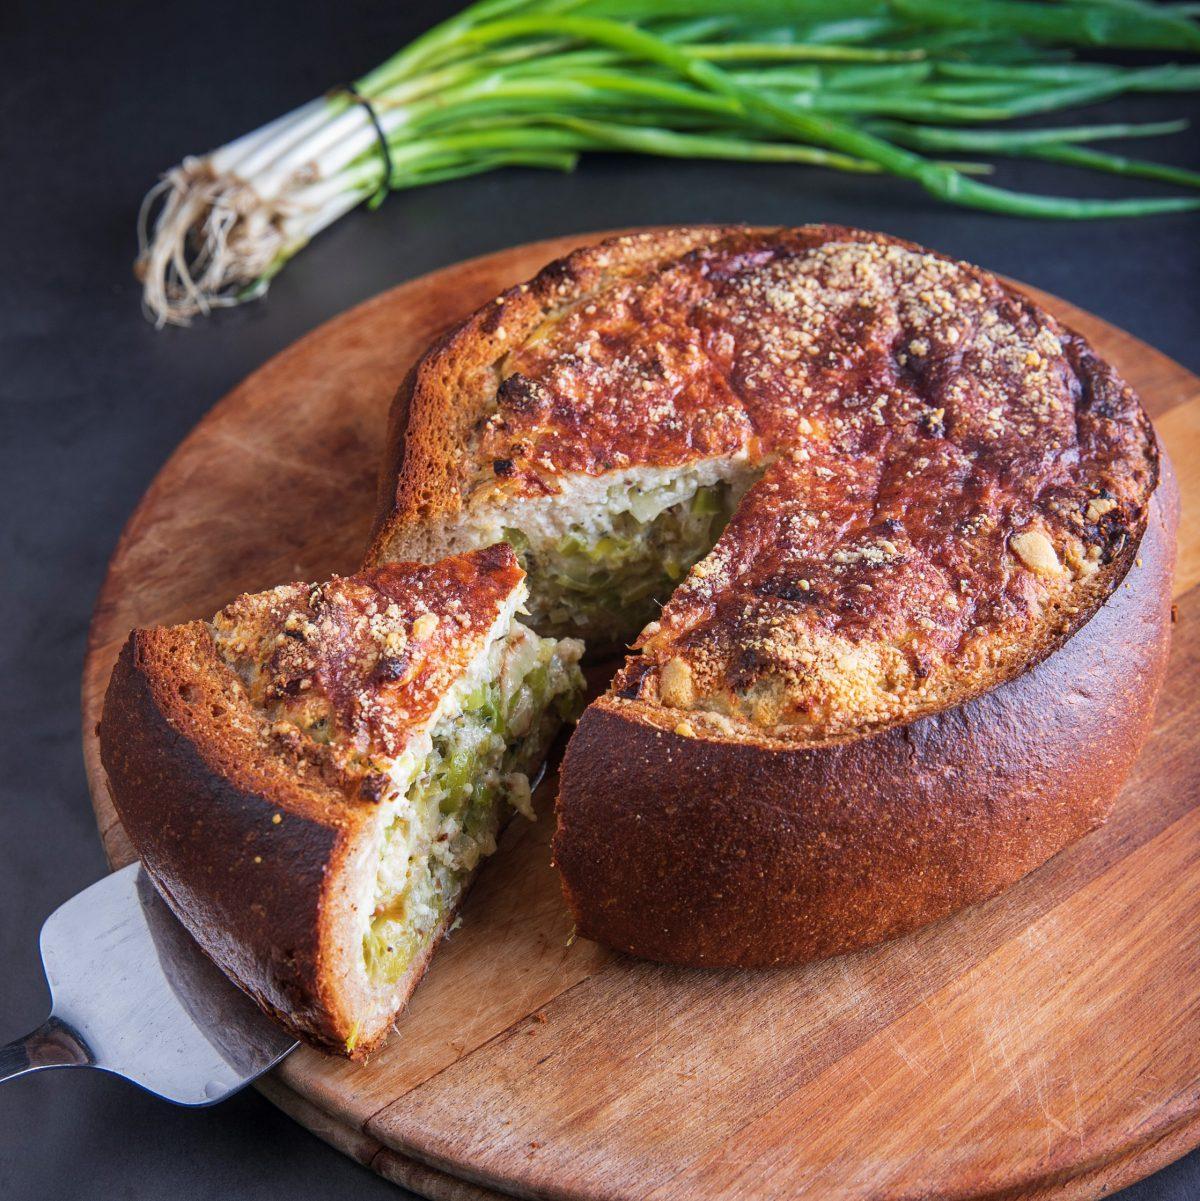 מאפה לחם עם גבינות וכרשה